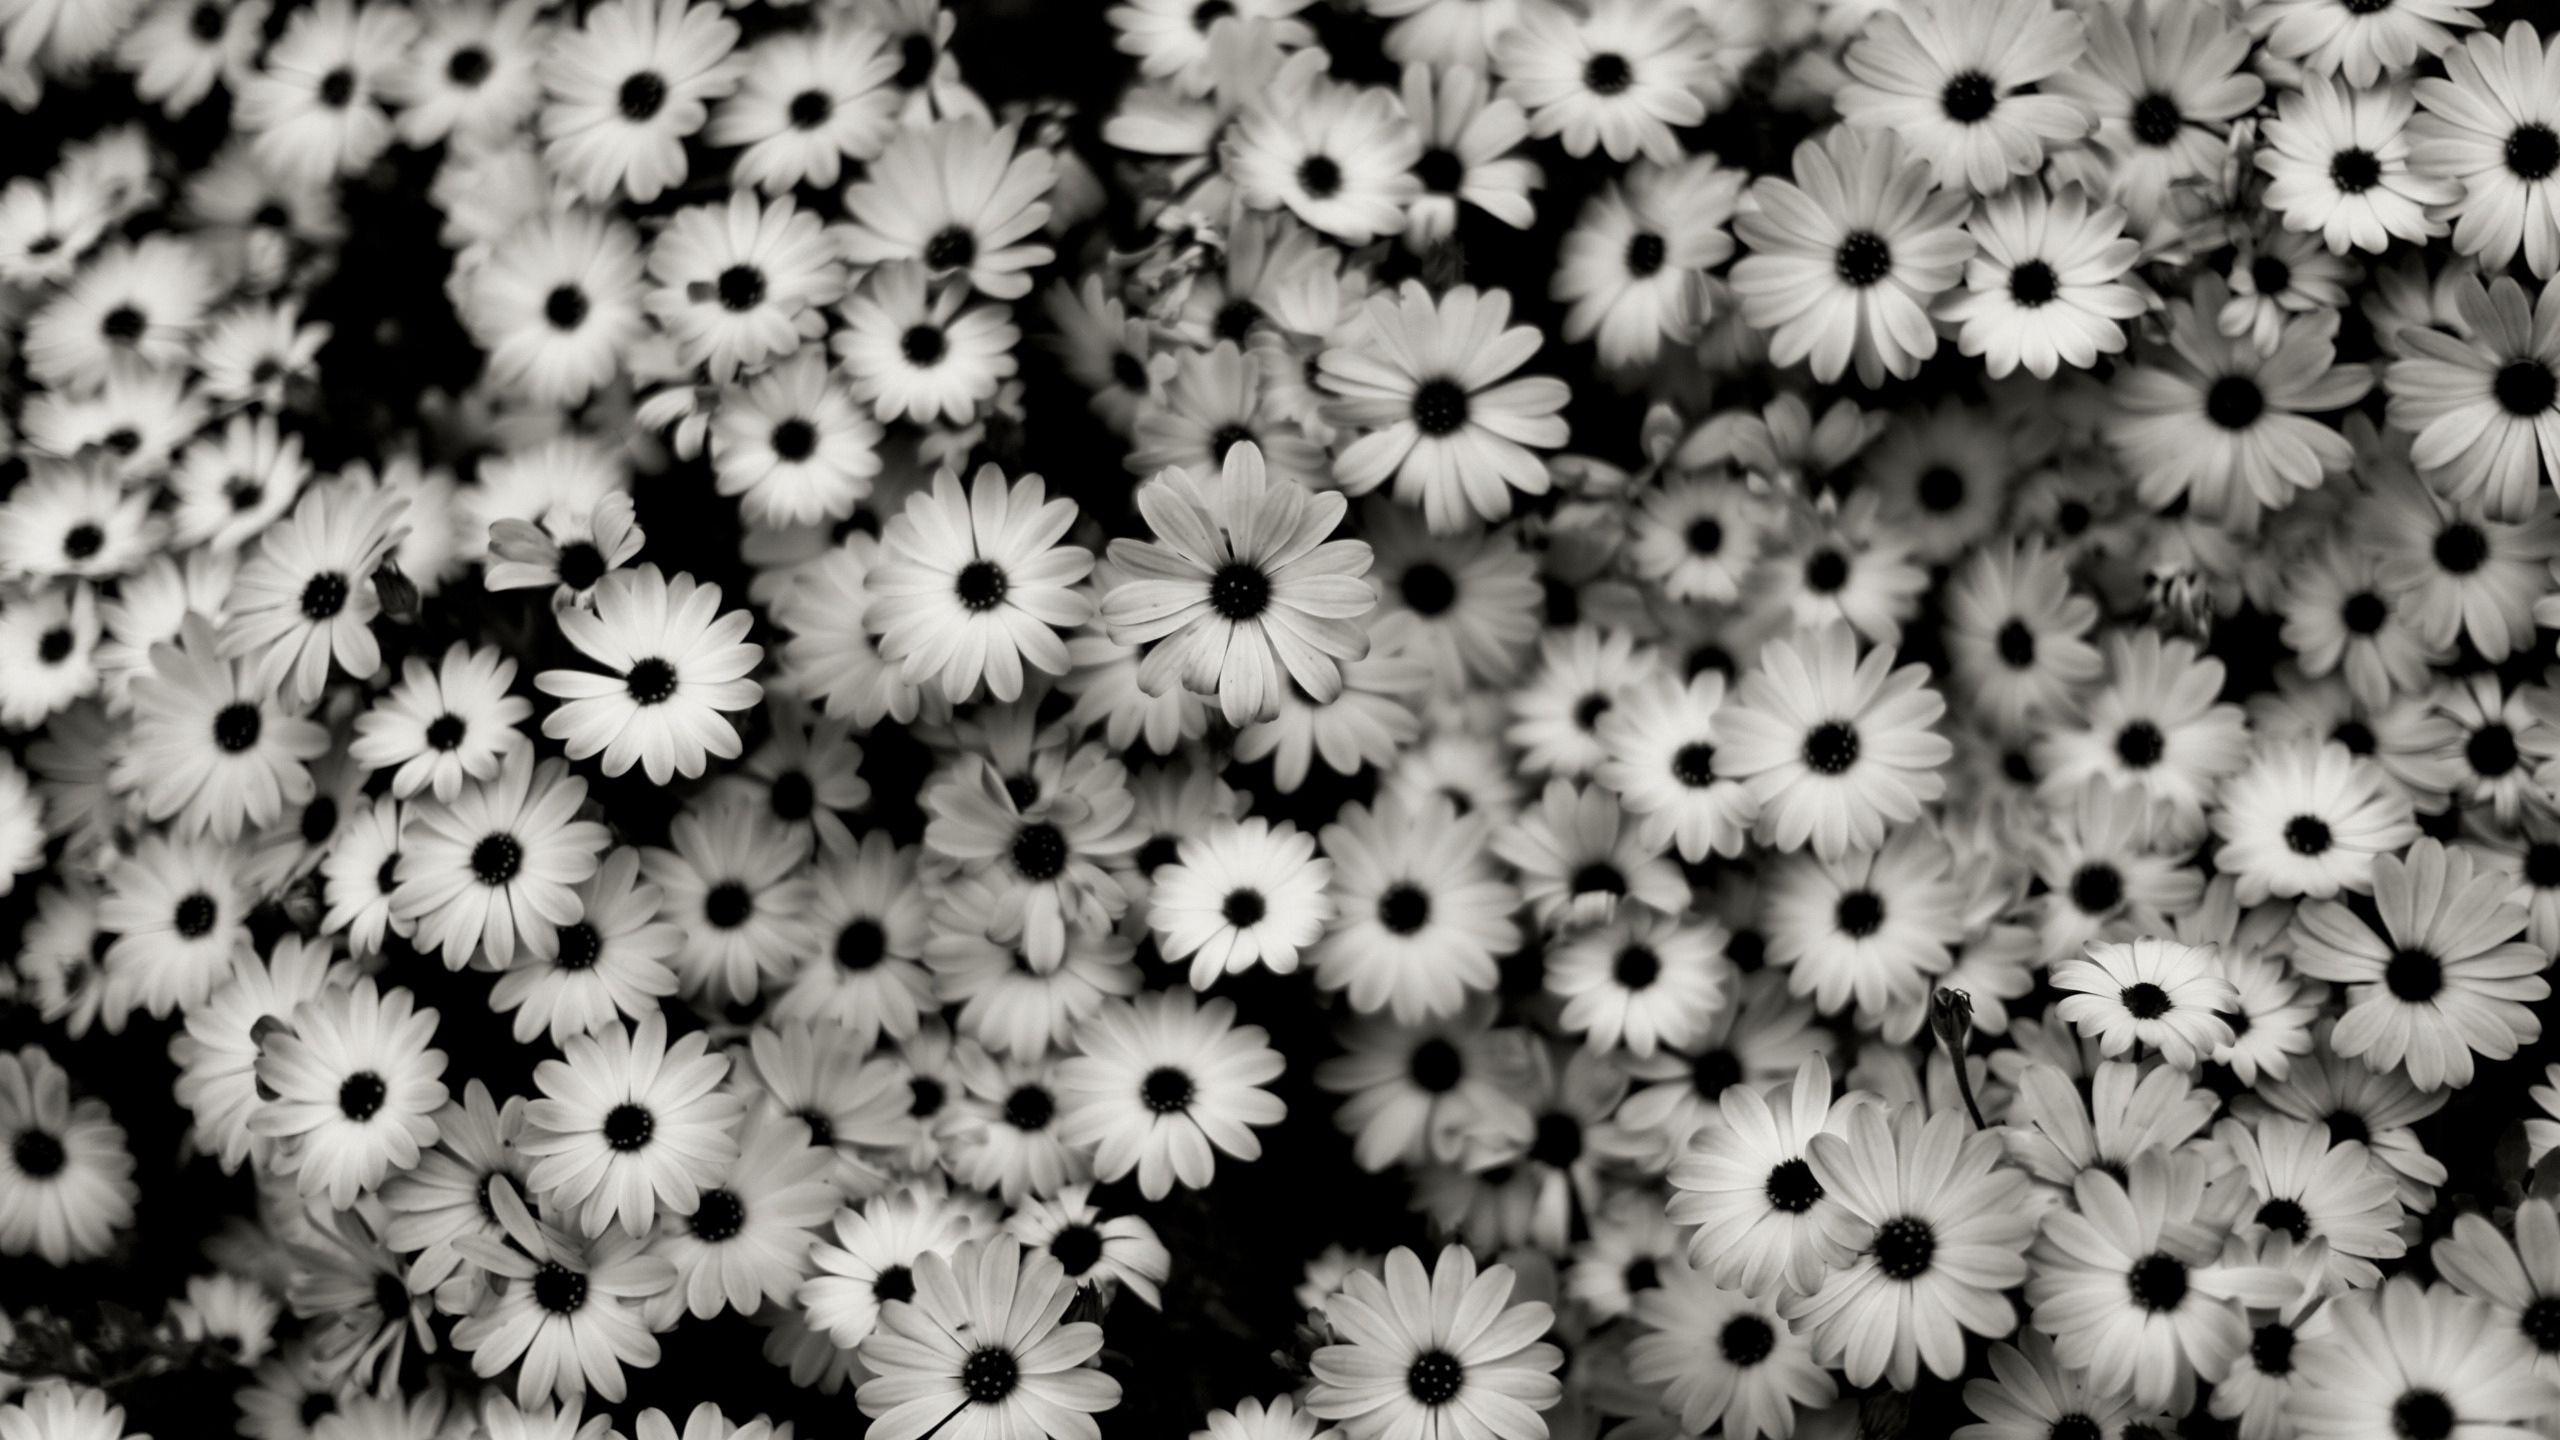 123677 скачать обои Цветы, Ромашки, Серый, Чб - заставки и картинки бесплатно